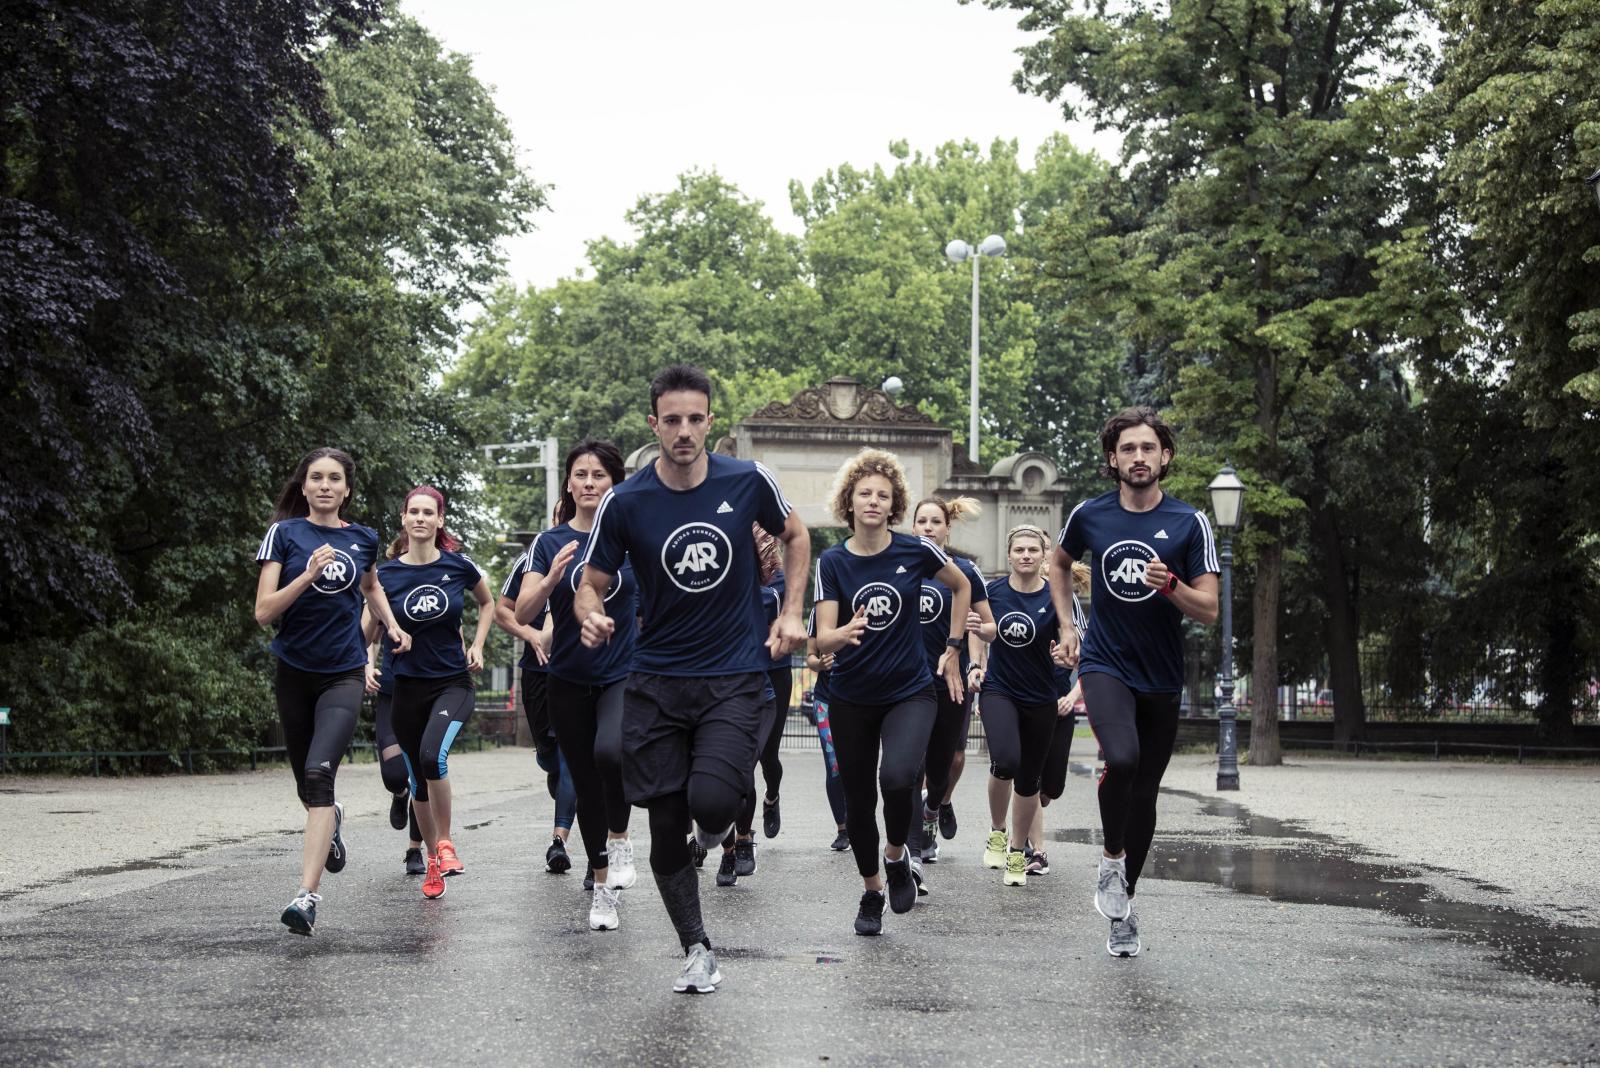 Trkačka zajednica za trkače koji traže više od trčanja je napokon stigla i u Zagreb!